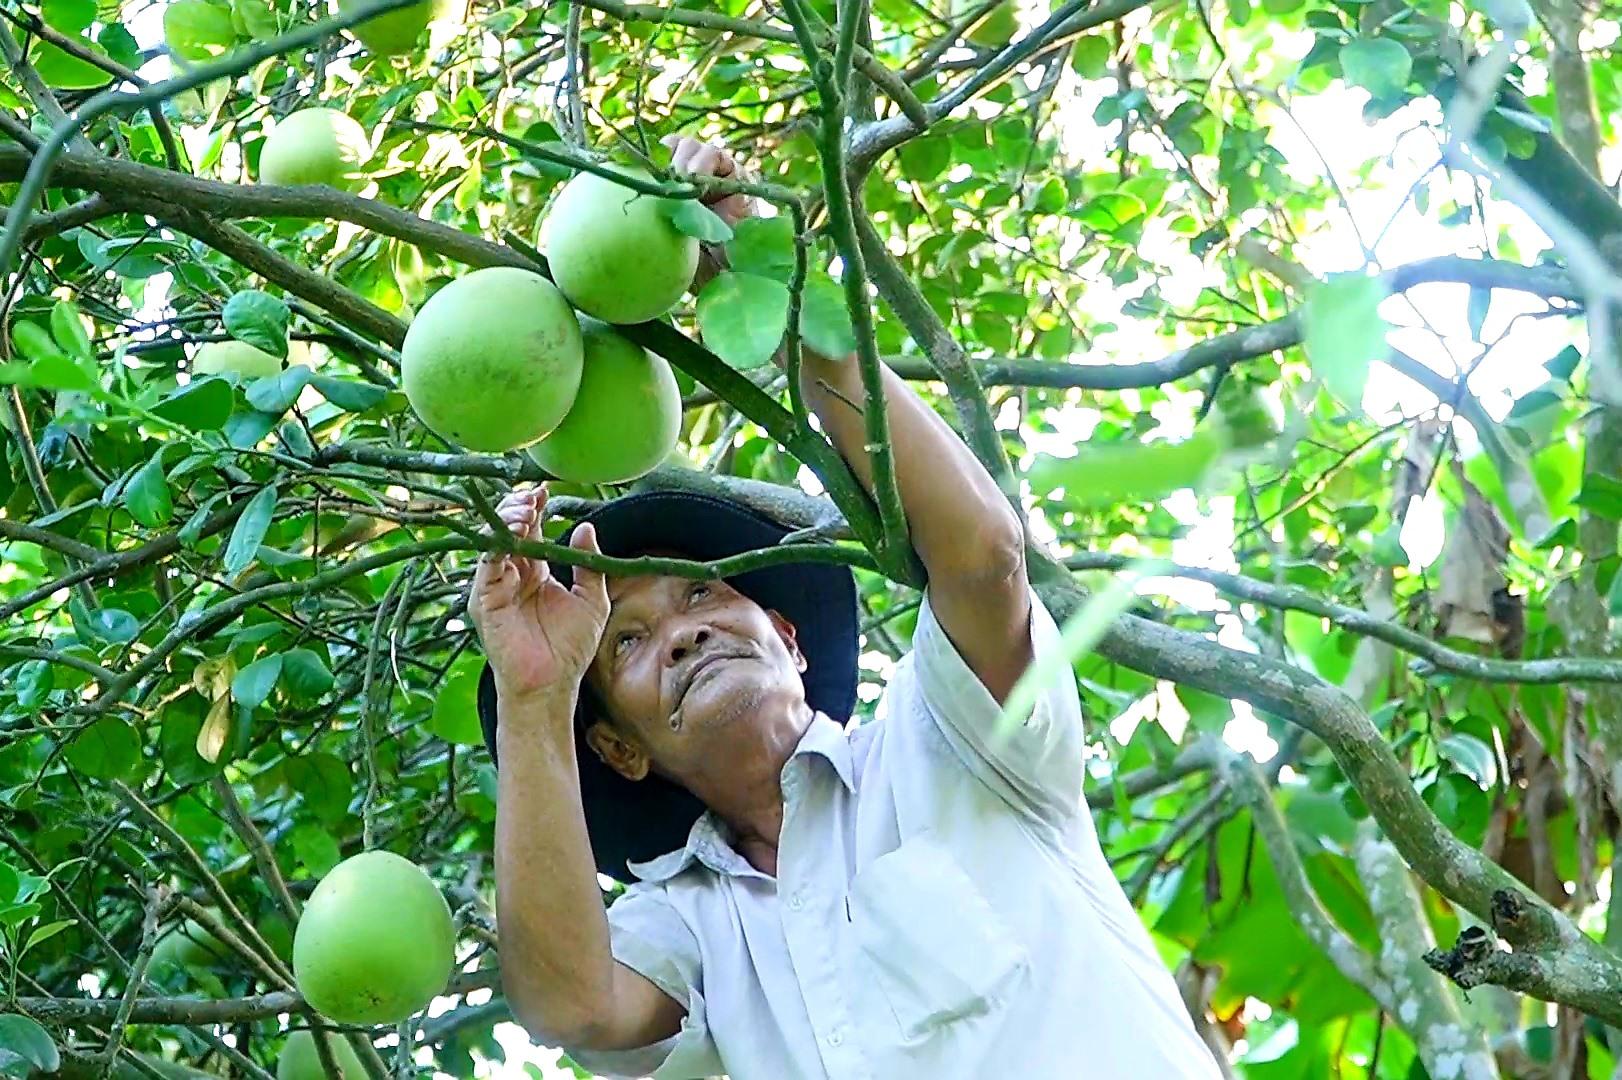 Tại hầu hết khu dân cư nông thôn mới kiểu mẫu, người dân hình thành nhiều mô hình trồng cây ăn quả cho giá trị kinh tế cao. Ảnh: M.L